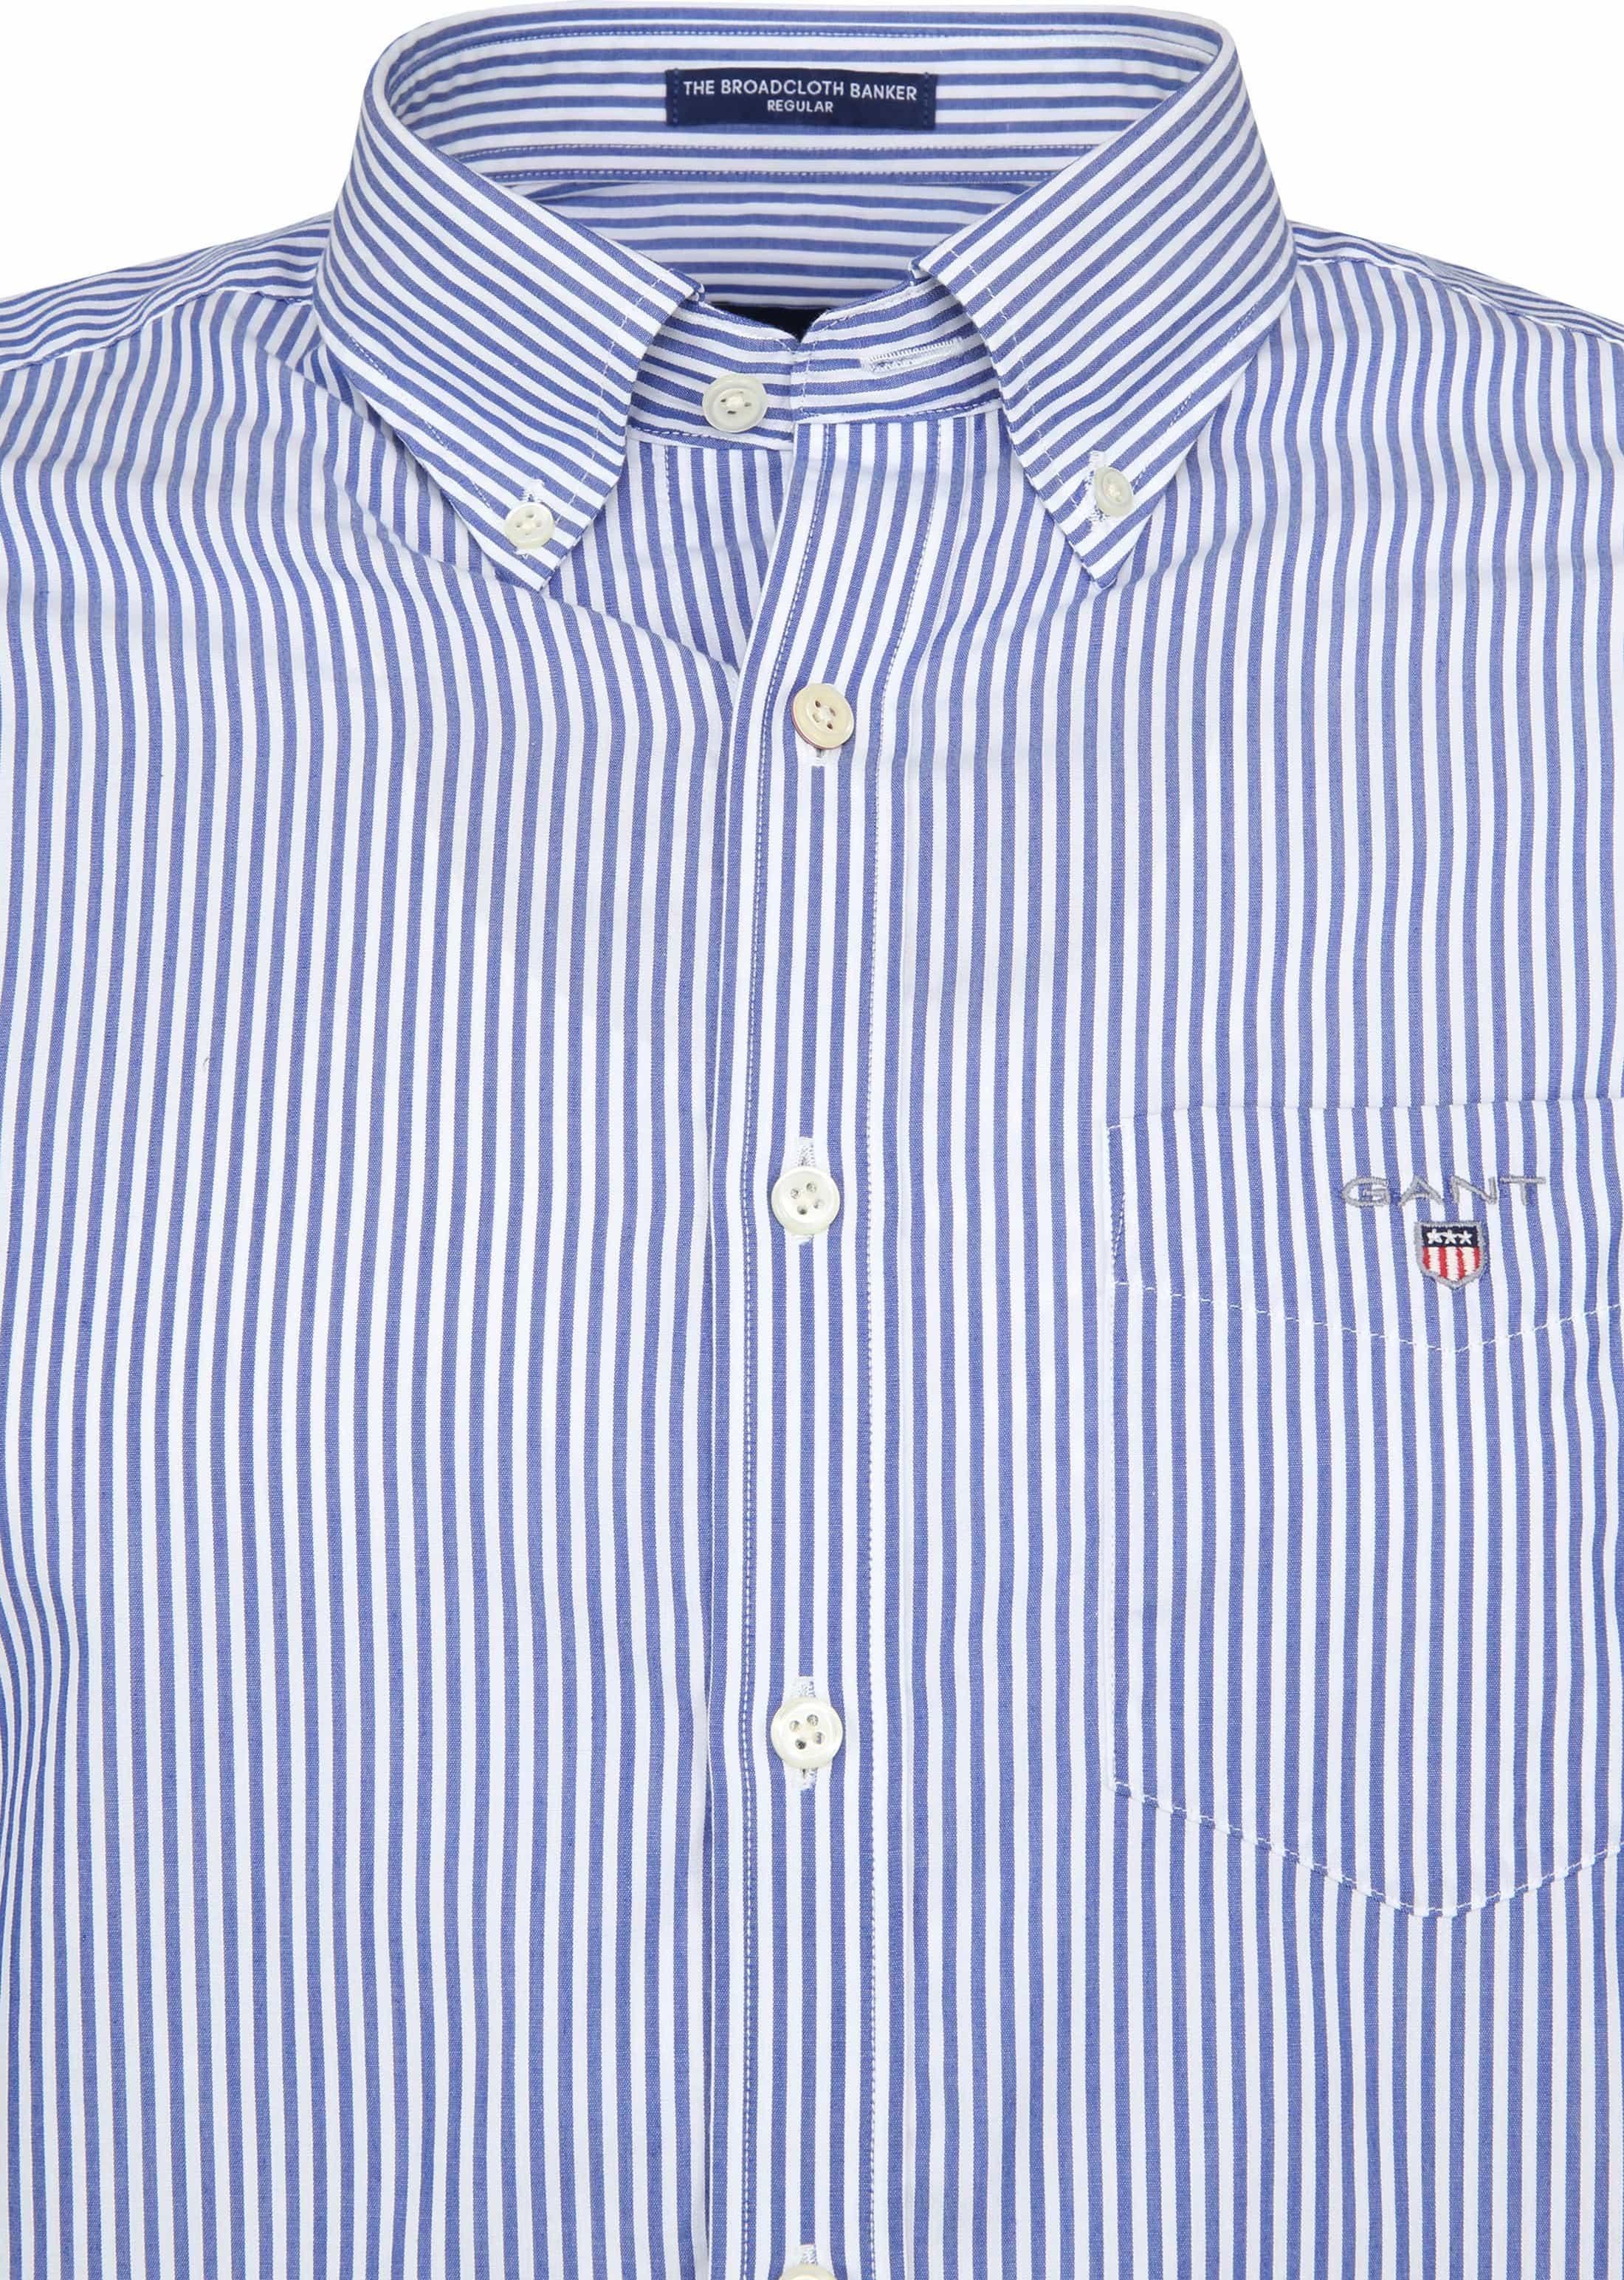 Gant Casual Overhemd Strepen Blauw foto 2